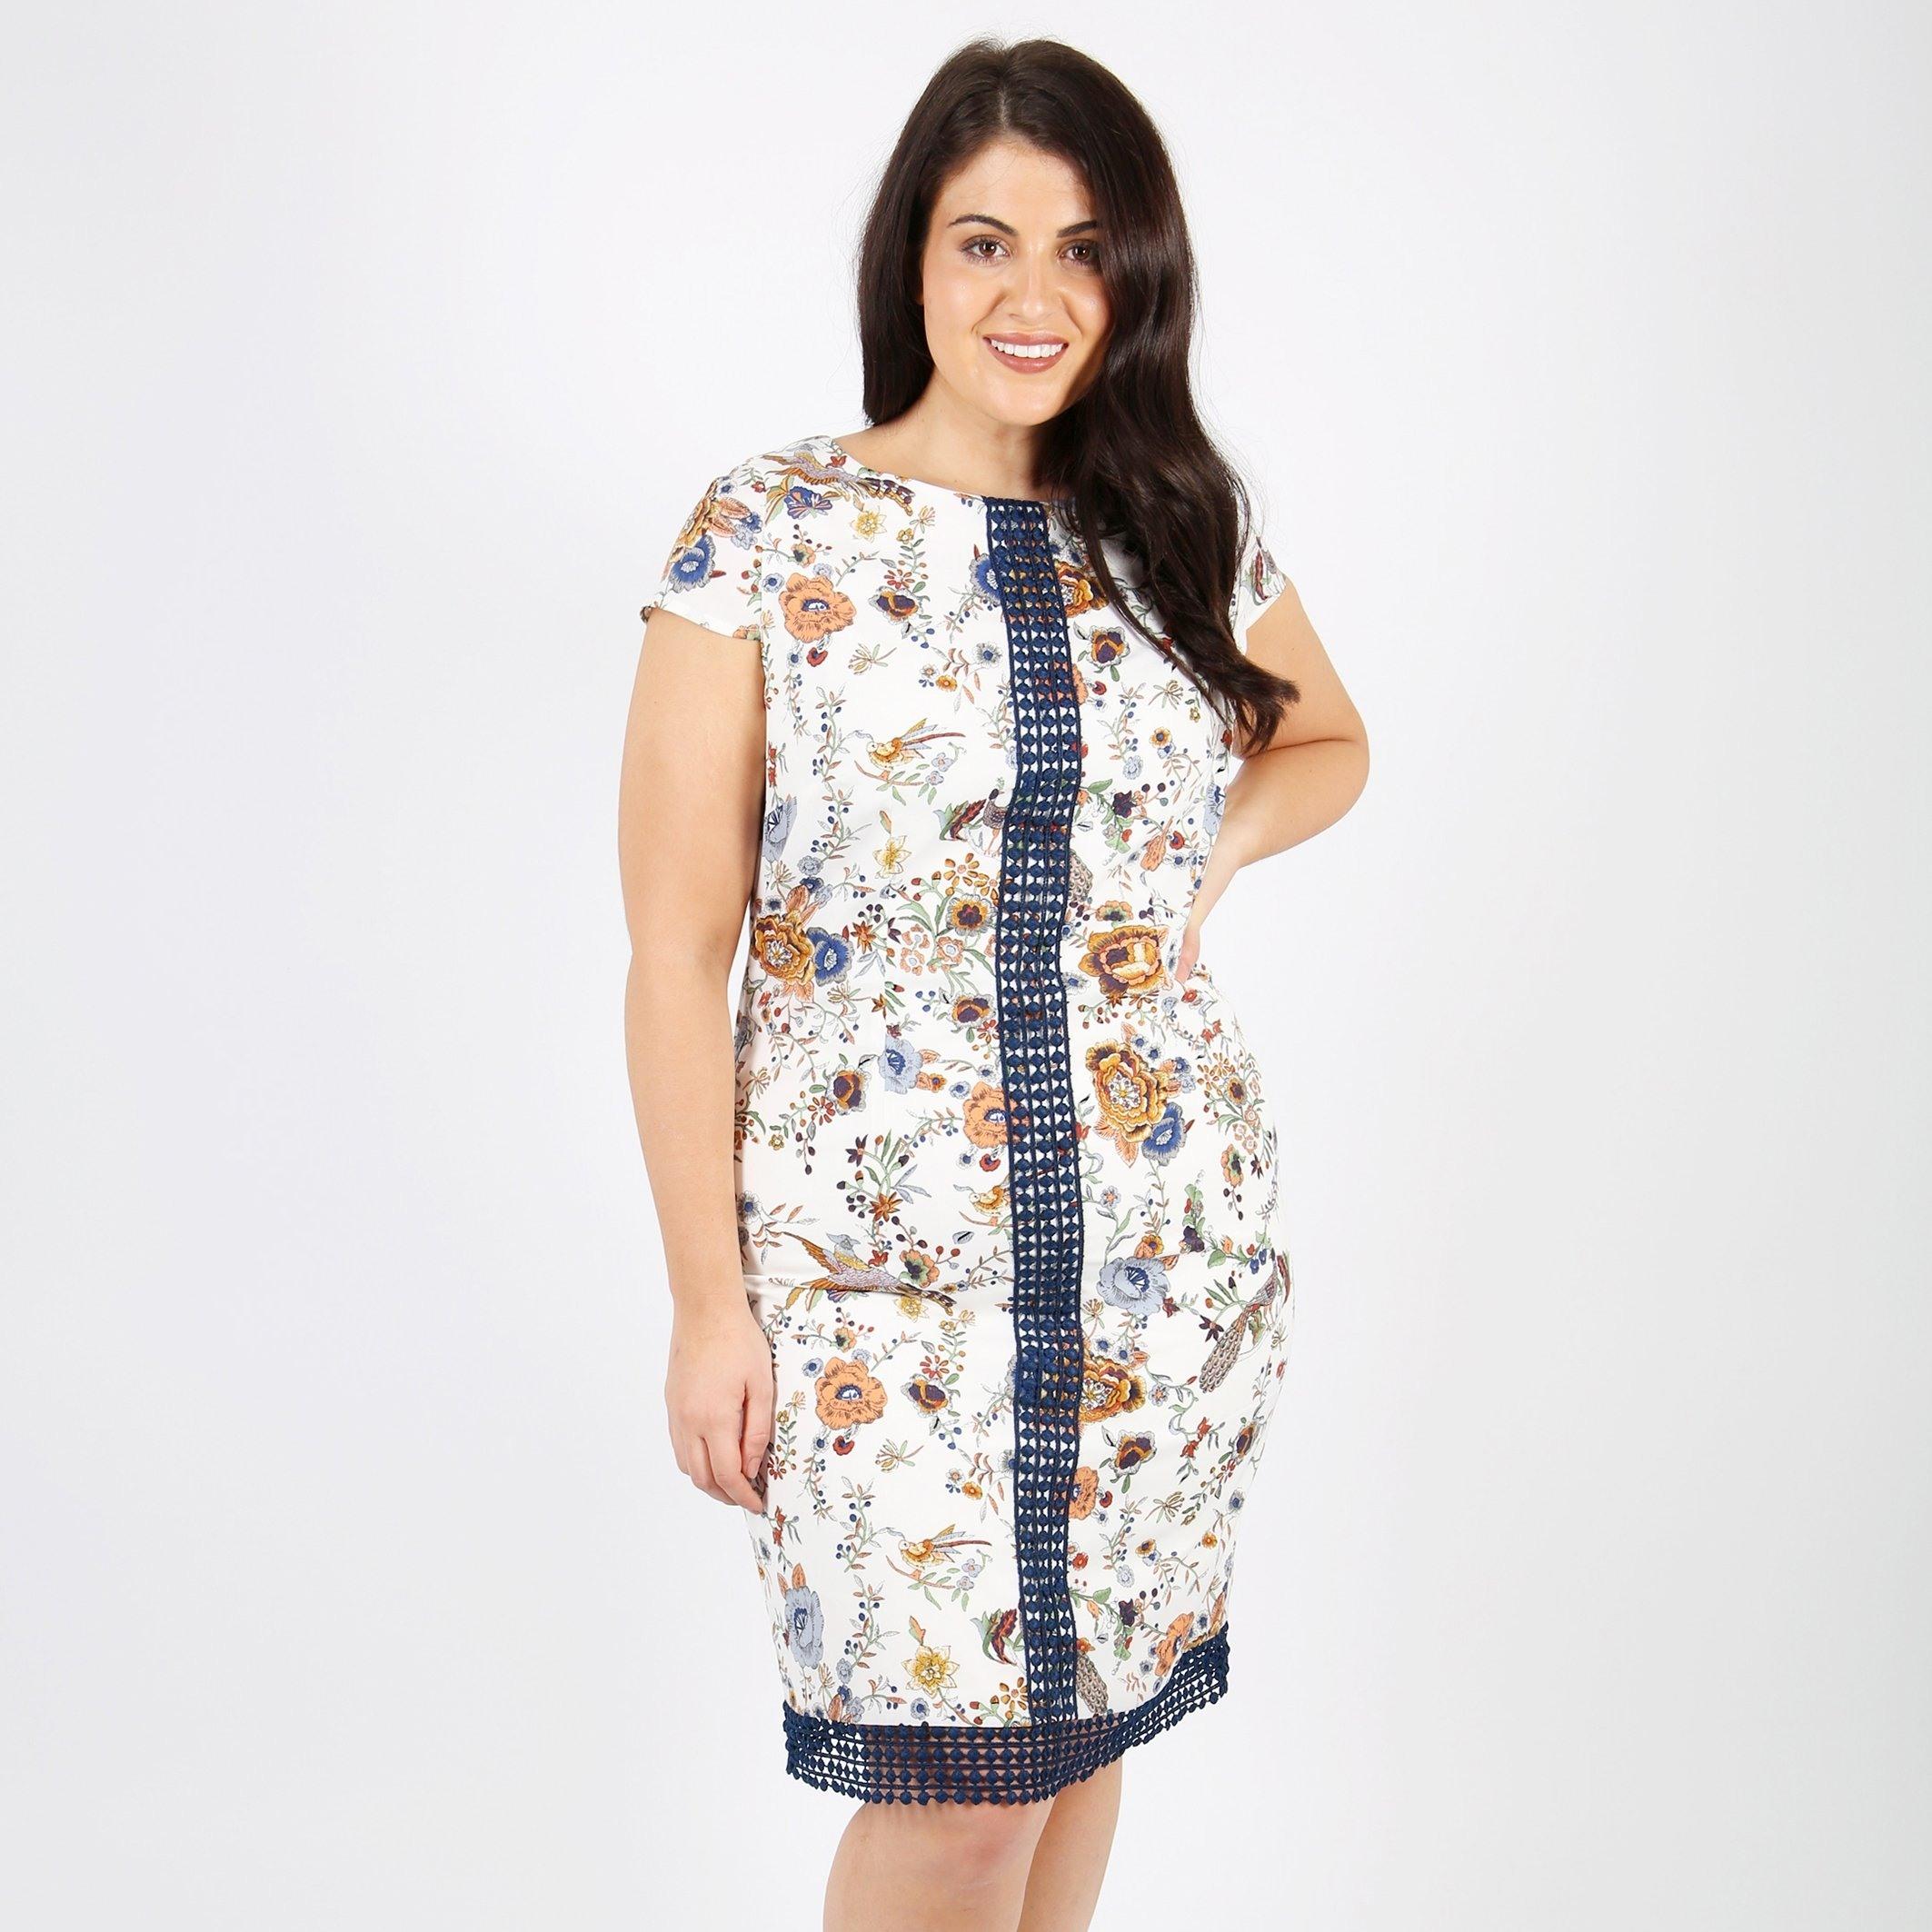 10 Kreativ Kleider In A Form BoutiqueFormal Genial Kleider In A Form für 2019